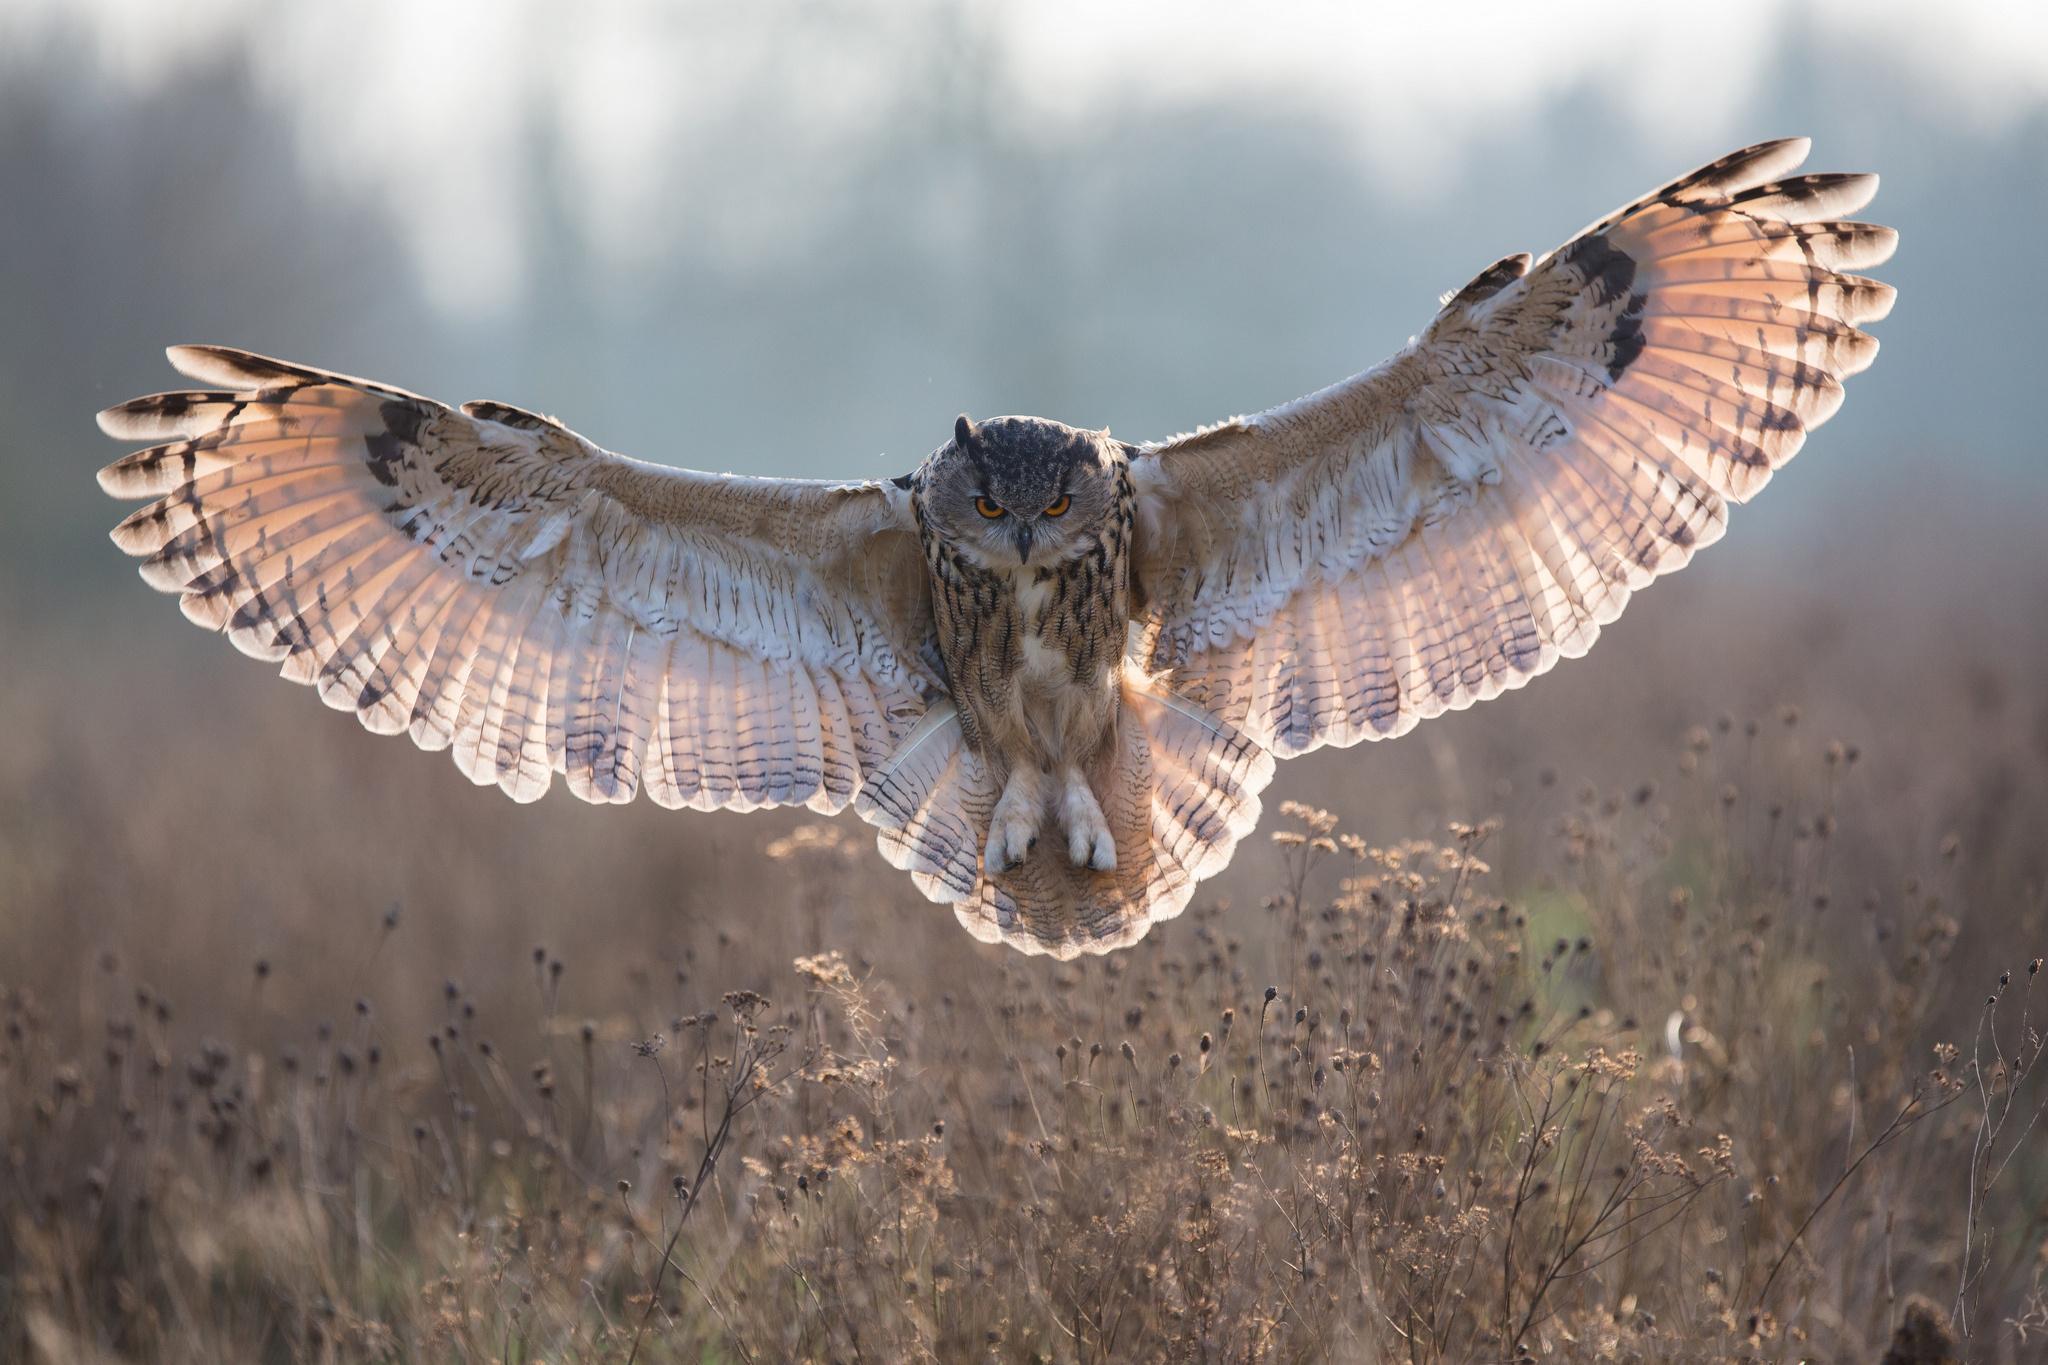 Owl bird flying spread wings wallpaper 2048x1365 182350 2048x1365